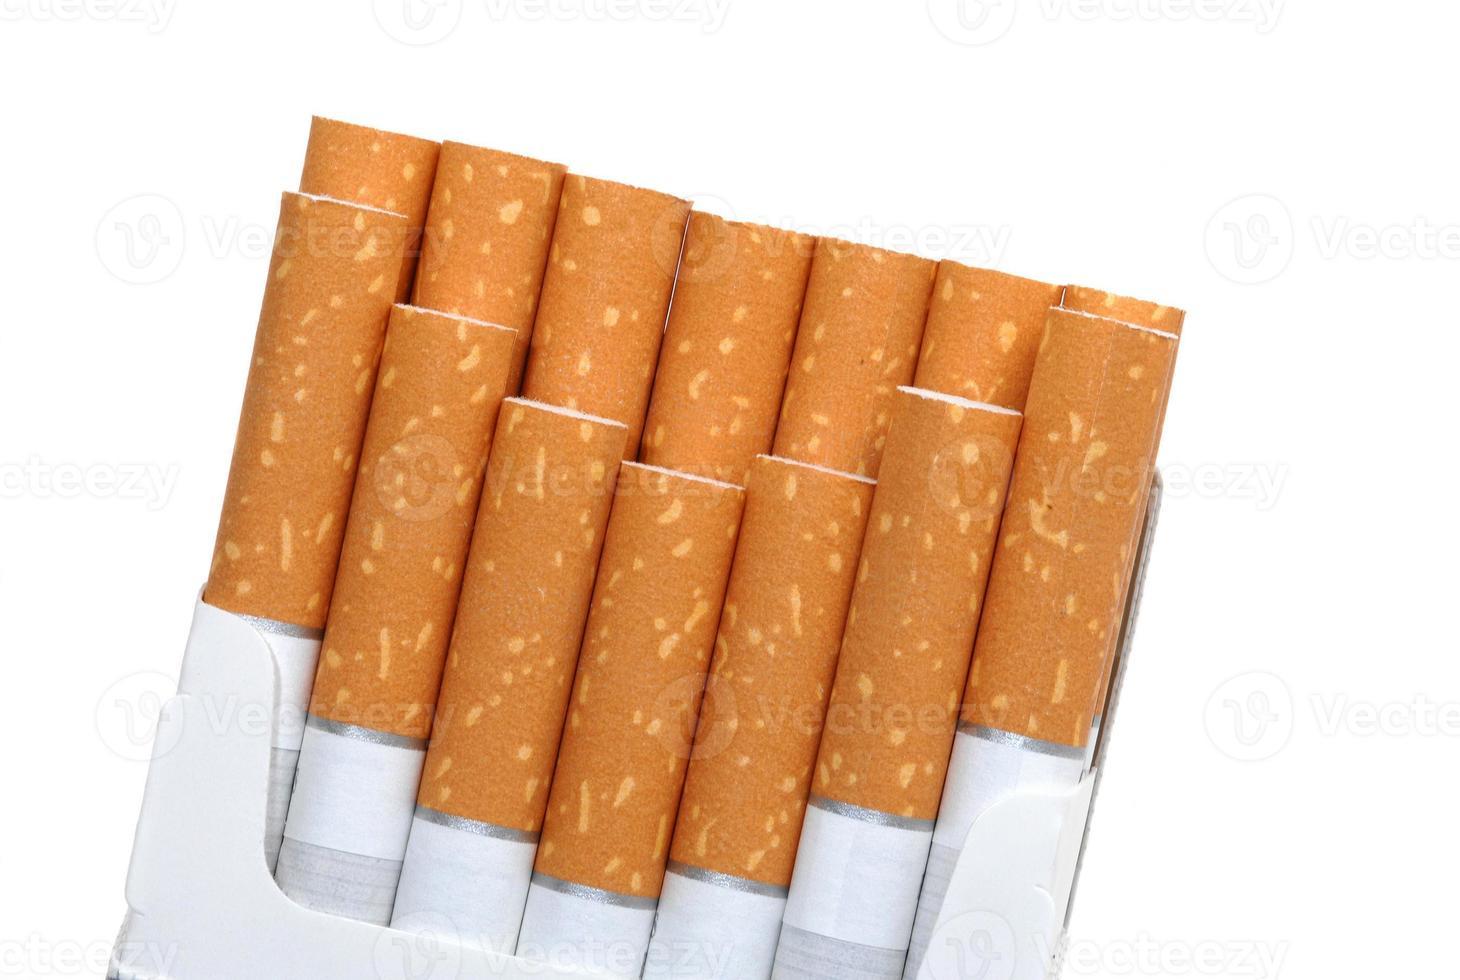 pacchetto di sigarette foto